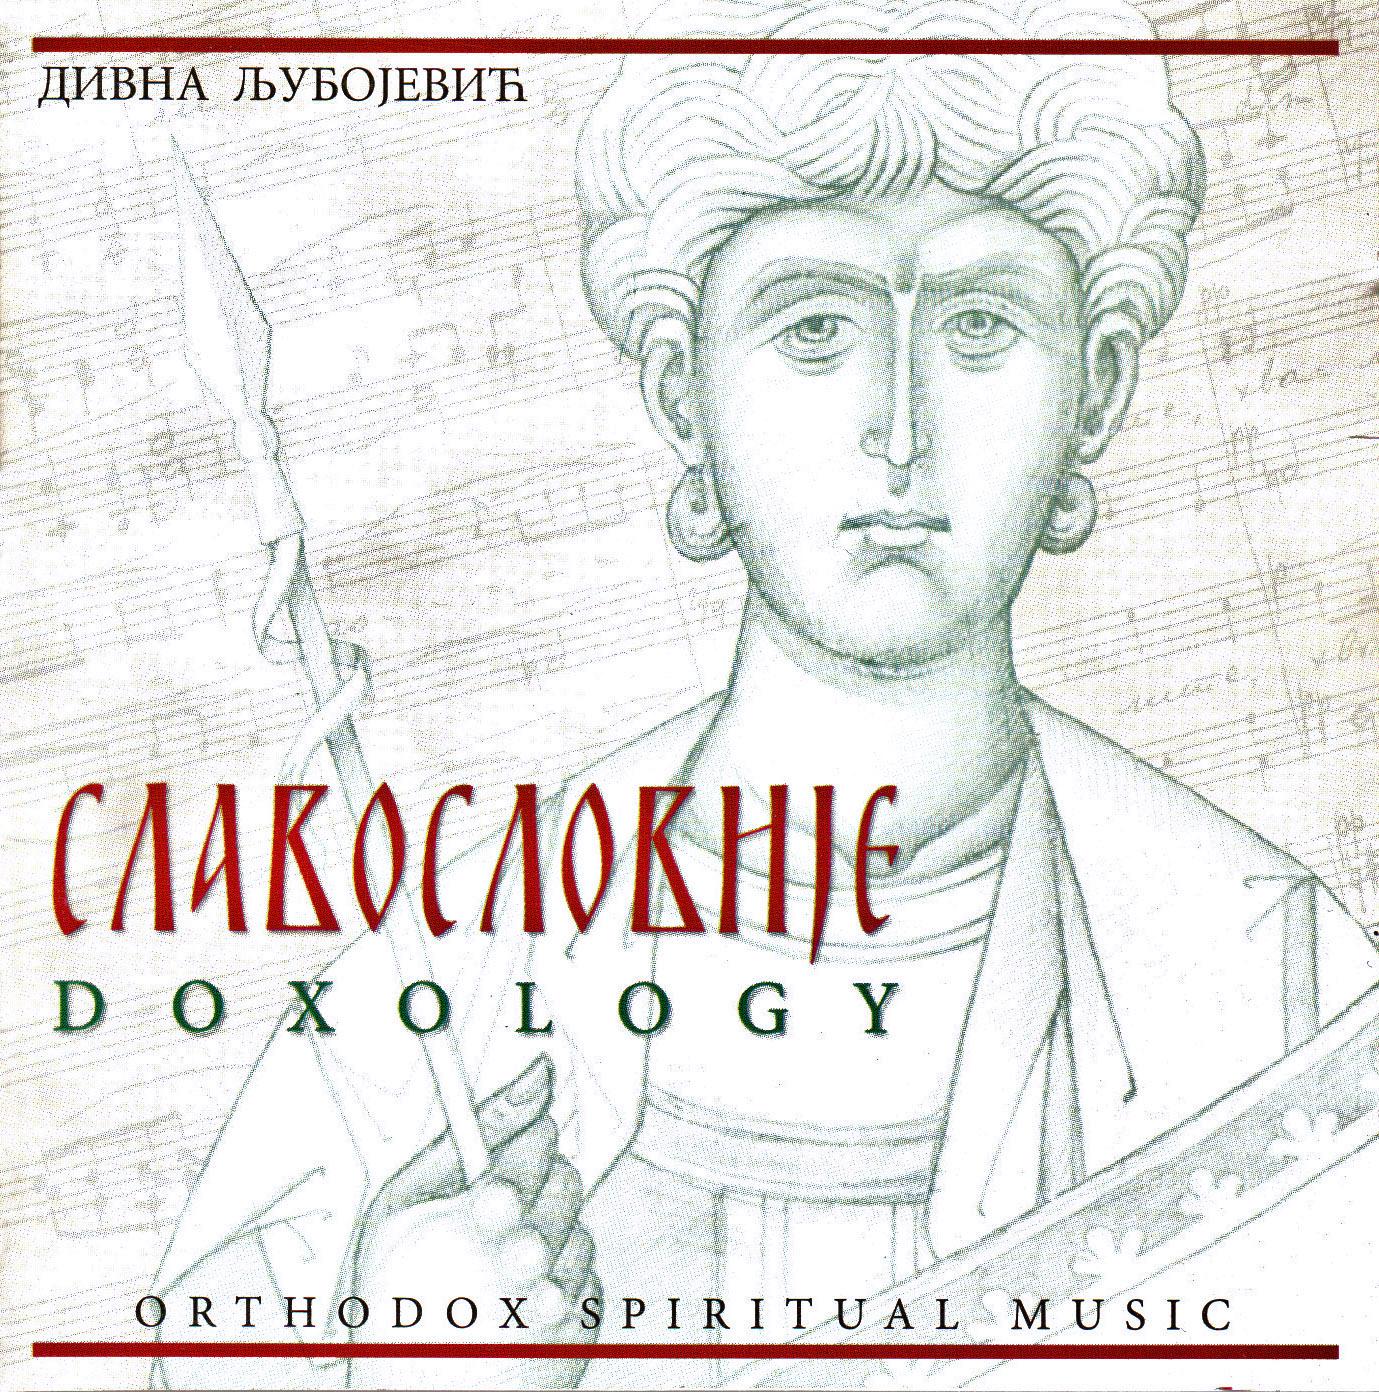 Дивна Любоевич и Мелоди - Doxology (Славословие) (2002)